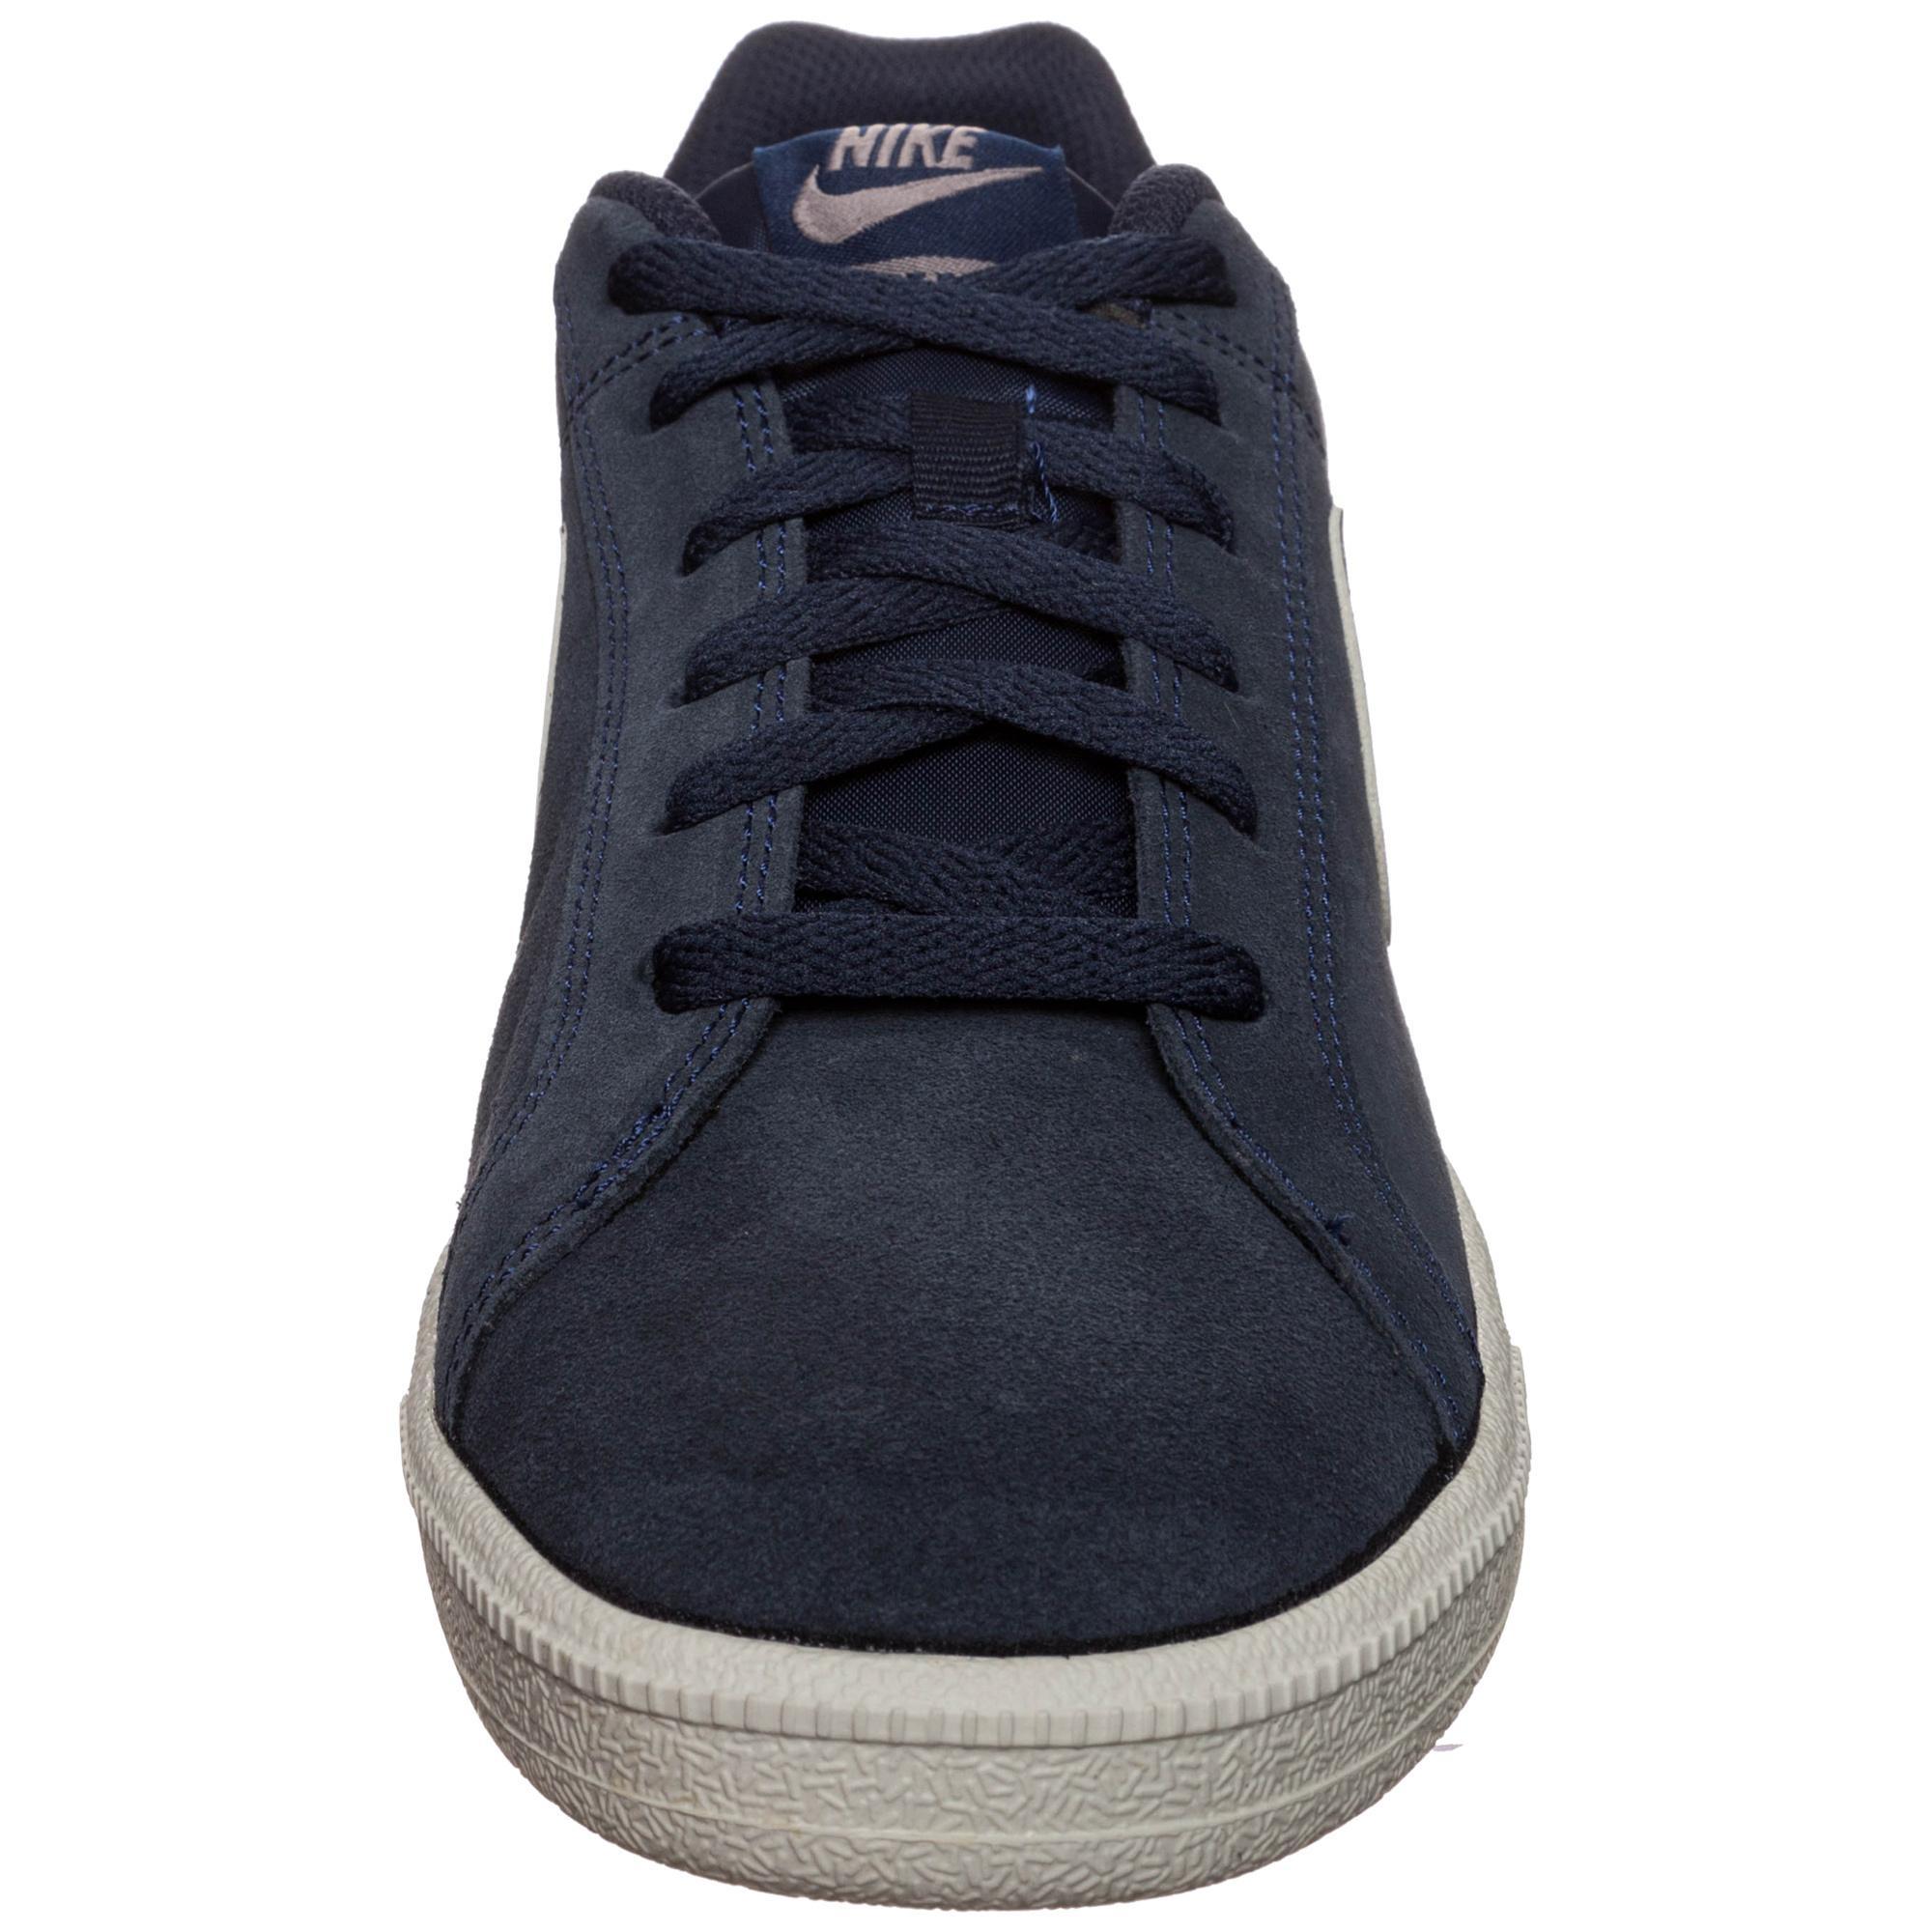 Nike Court Royale Suede Suede Suede Sneaker Herren blau / grau im Online Shop von SportScheck kaufen Gute Qualität beliebte Schuhe 3cc8b9